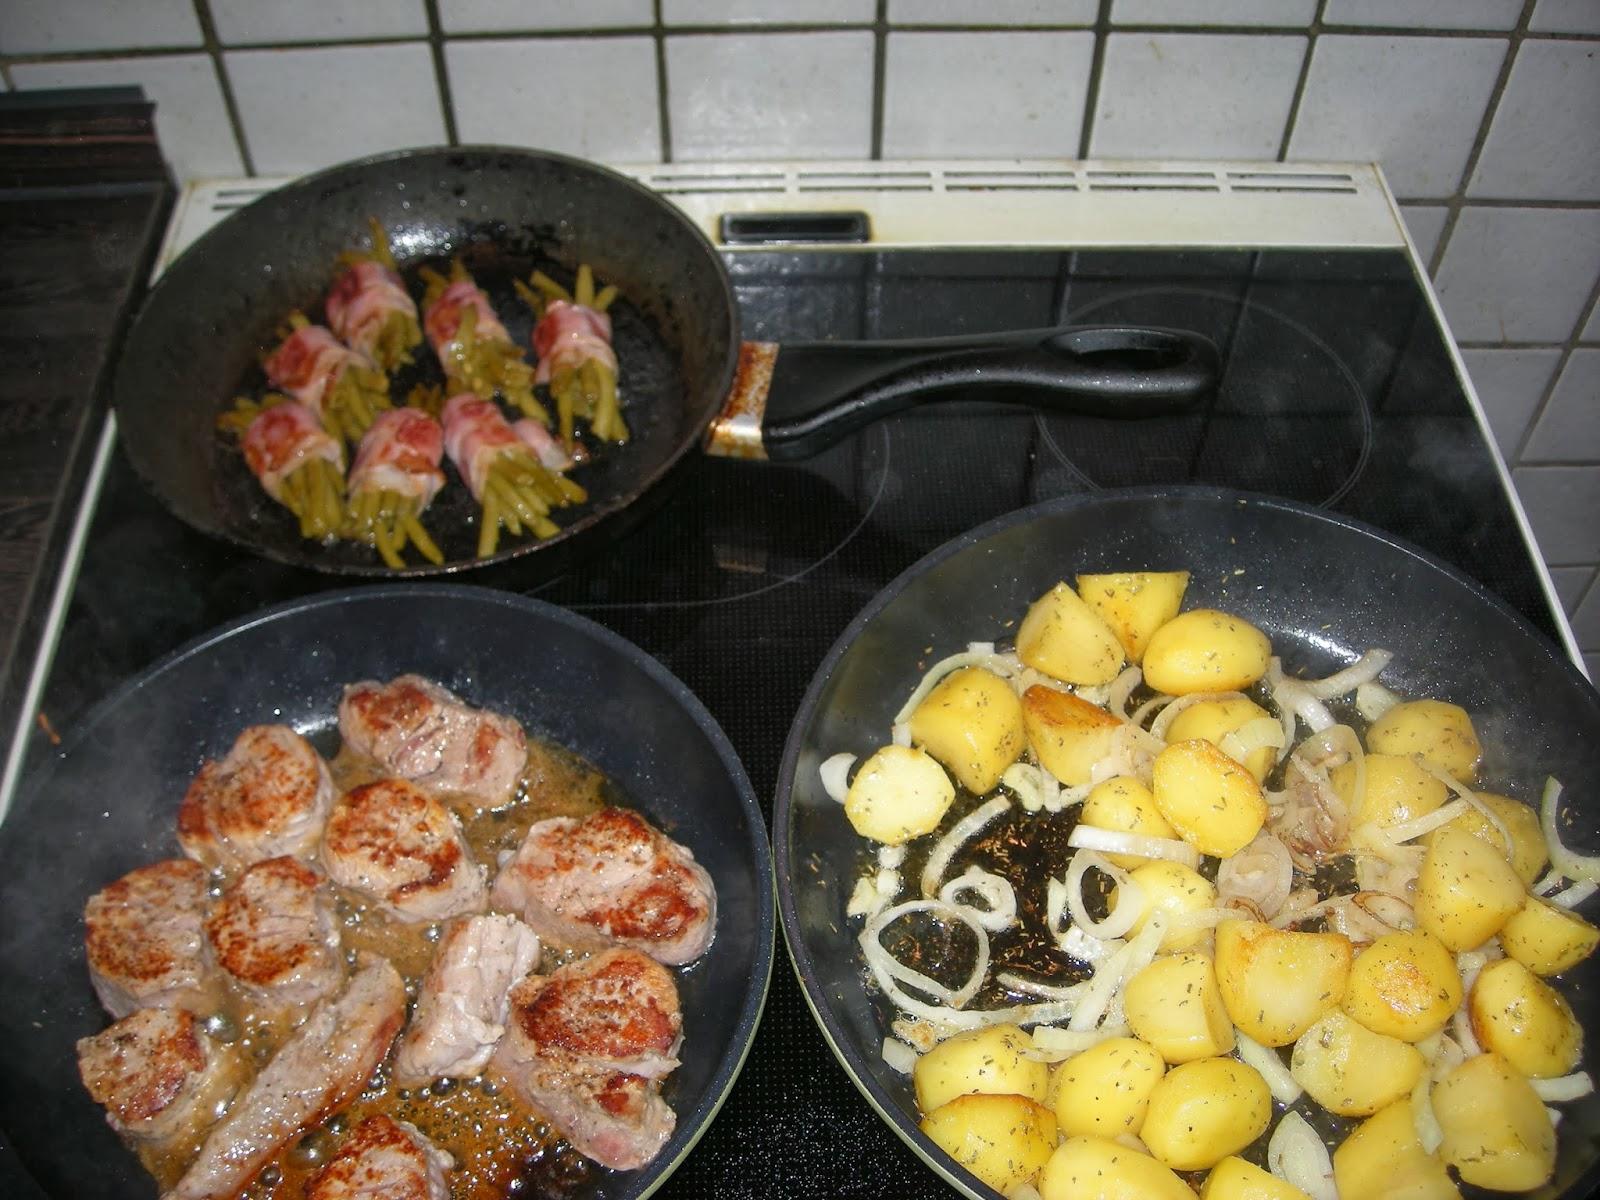 kochen filet pfanne